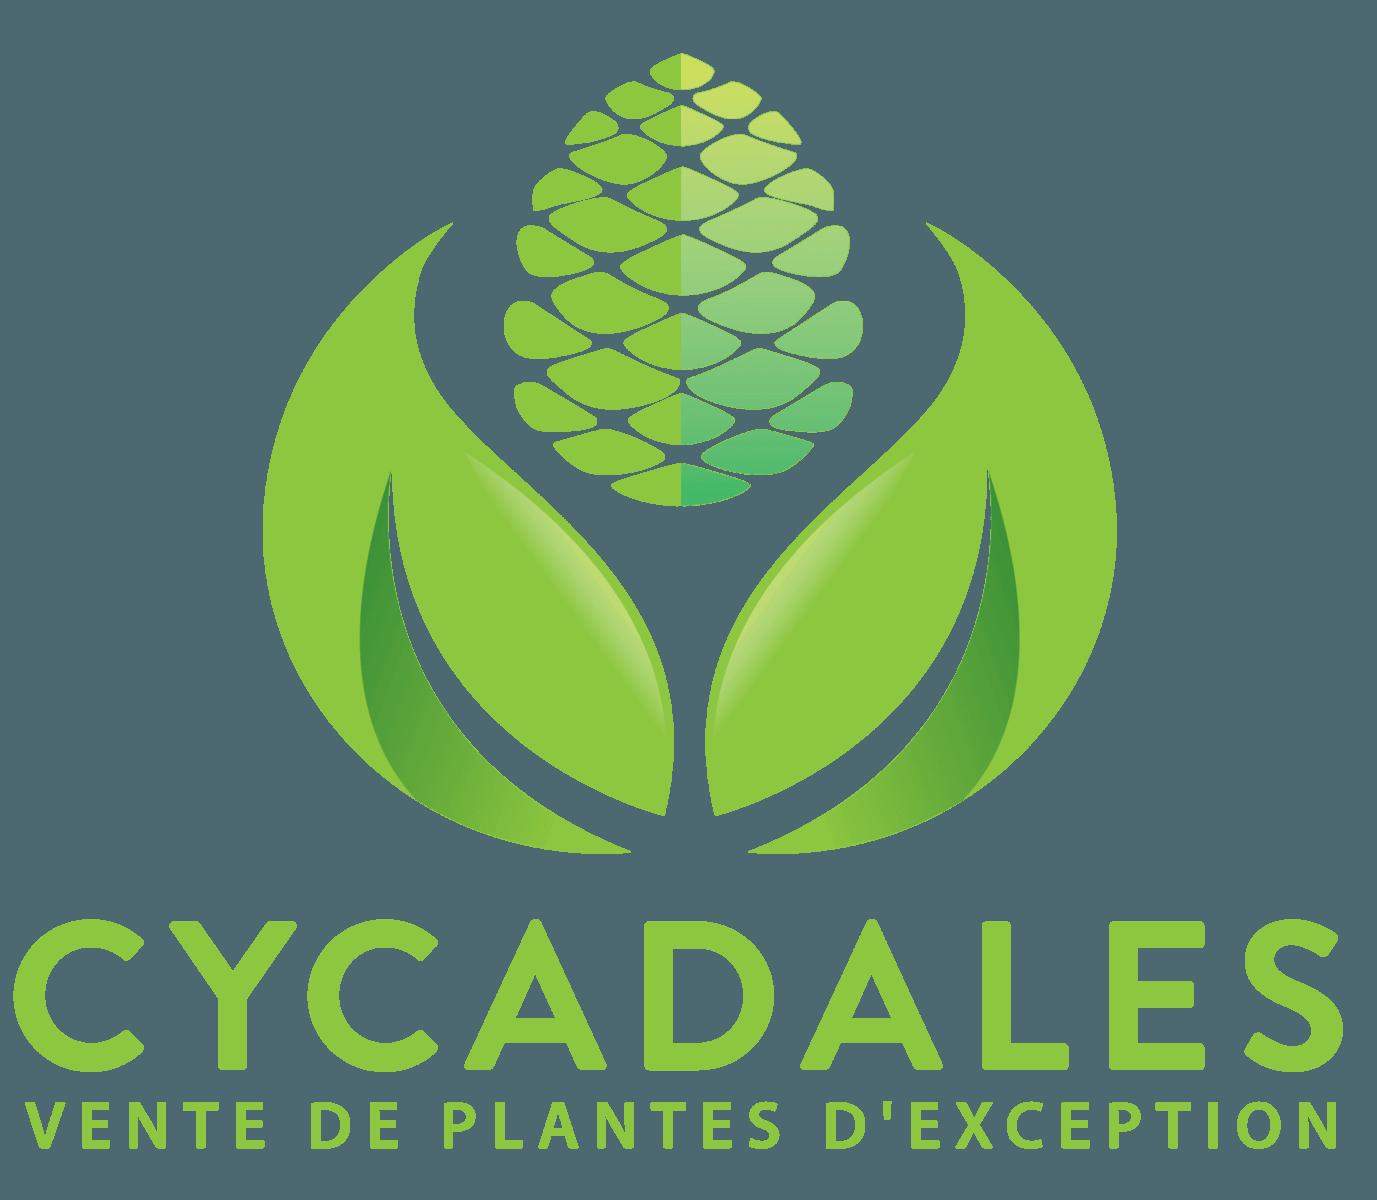 Cycadales